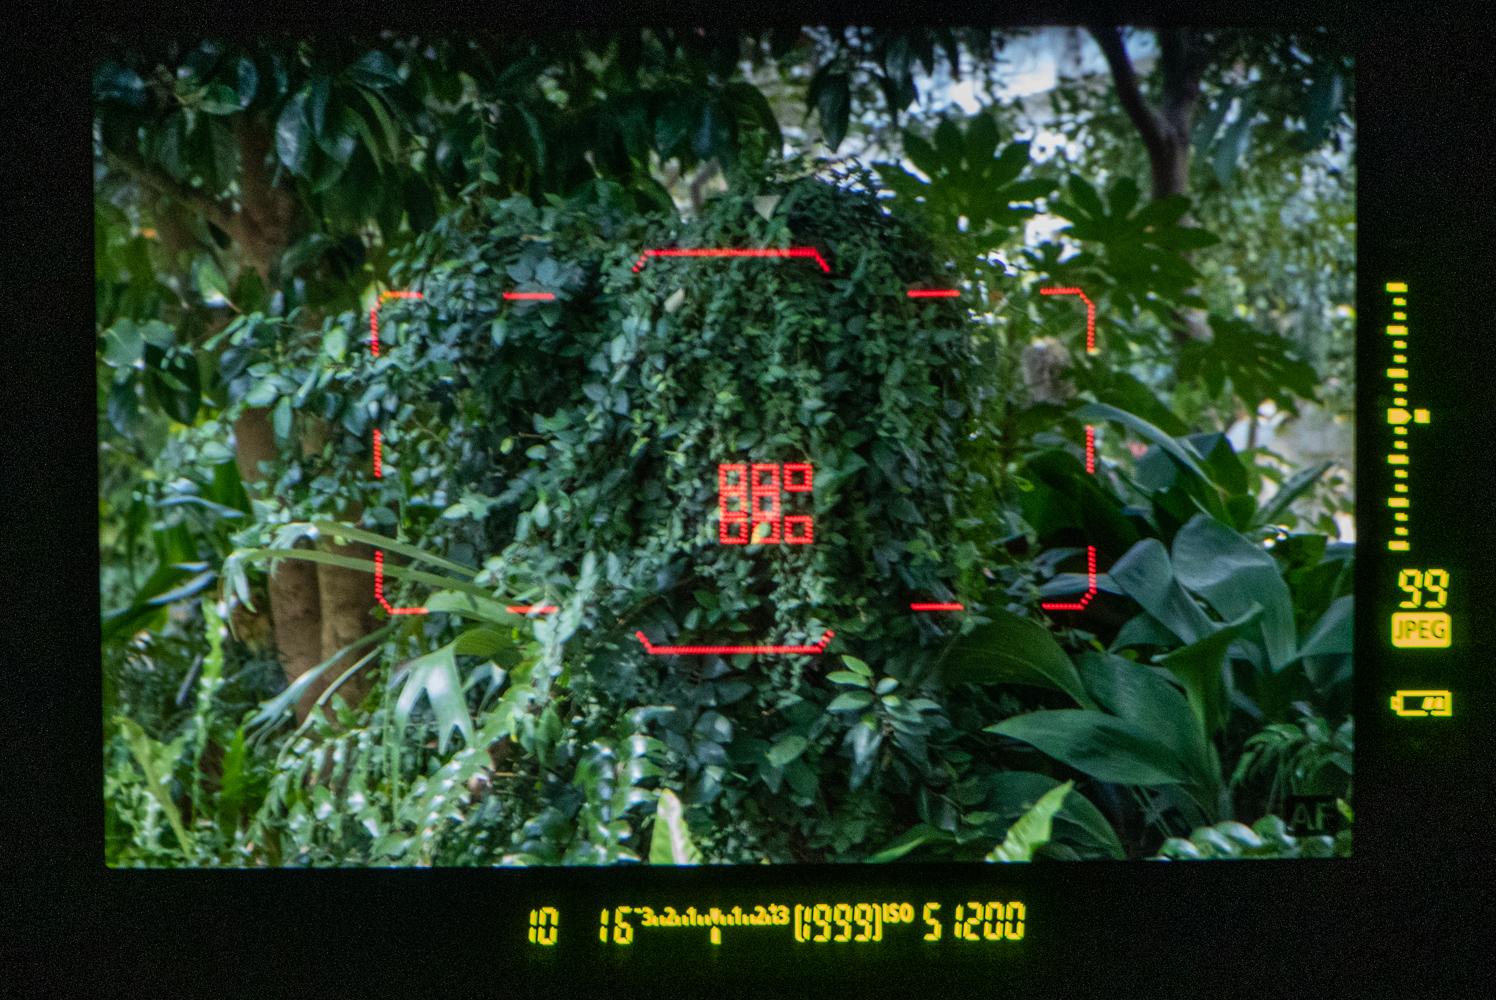 캐논 DSLR 1DX Mark3의 머리 검출 AF로 고속연사가 더 빛이 나다